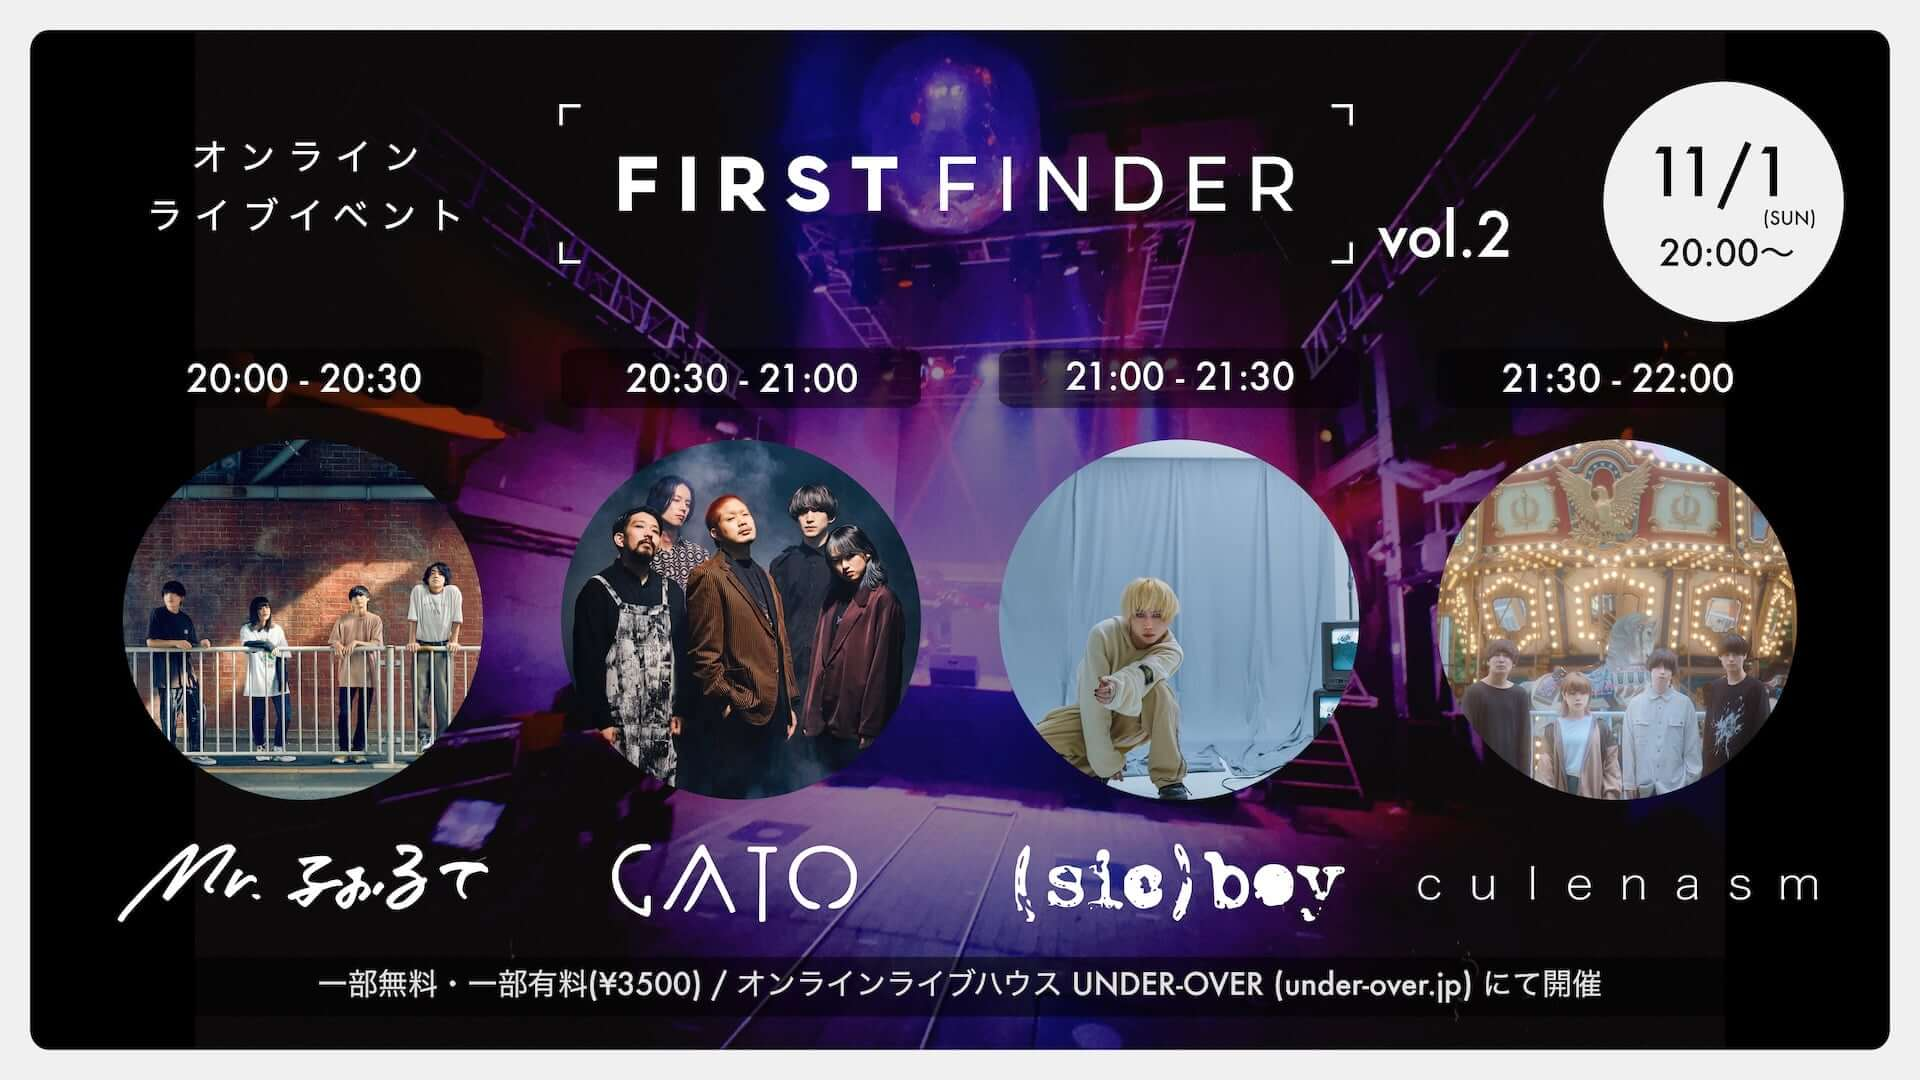 新進気鋭のアーティストが集うオンラインライブ<FIRST FINDER vol.2>が開催決定!gato、(sic)boy、クレナズム、Mr.ふぉるてらが出演 music201026_firstfinder2_8-1920x1080